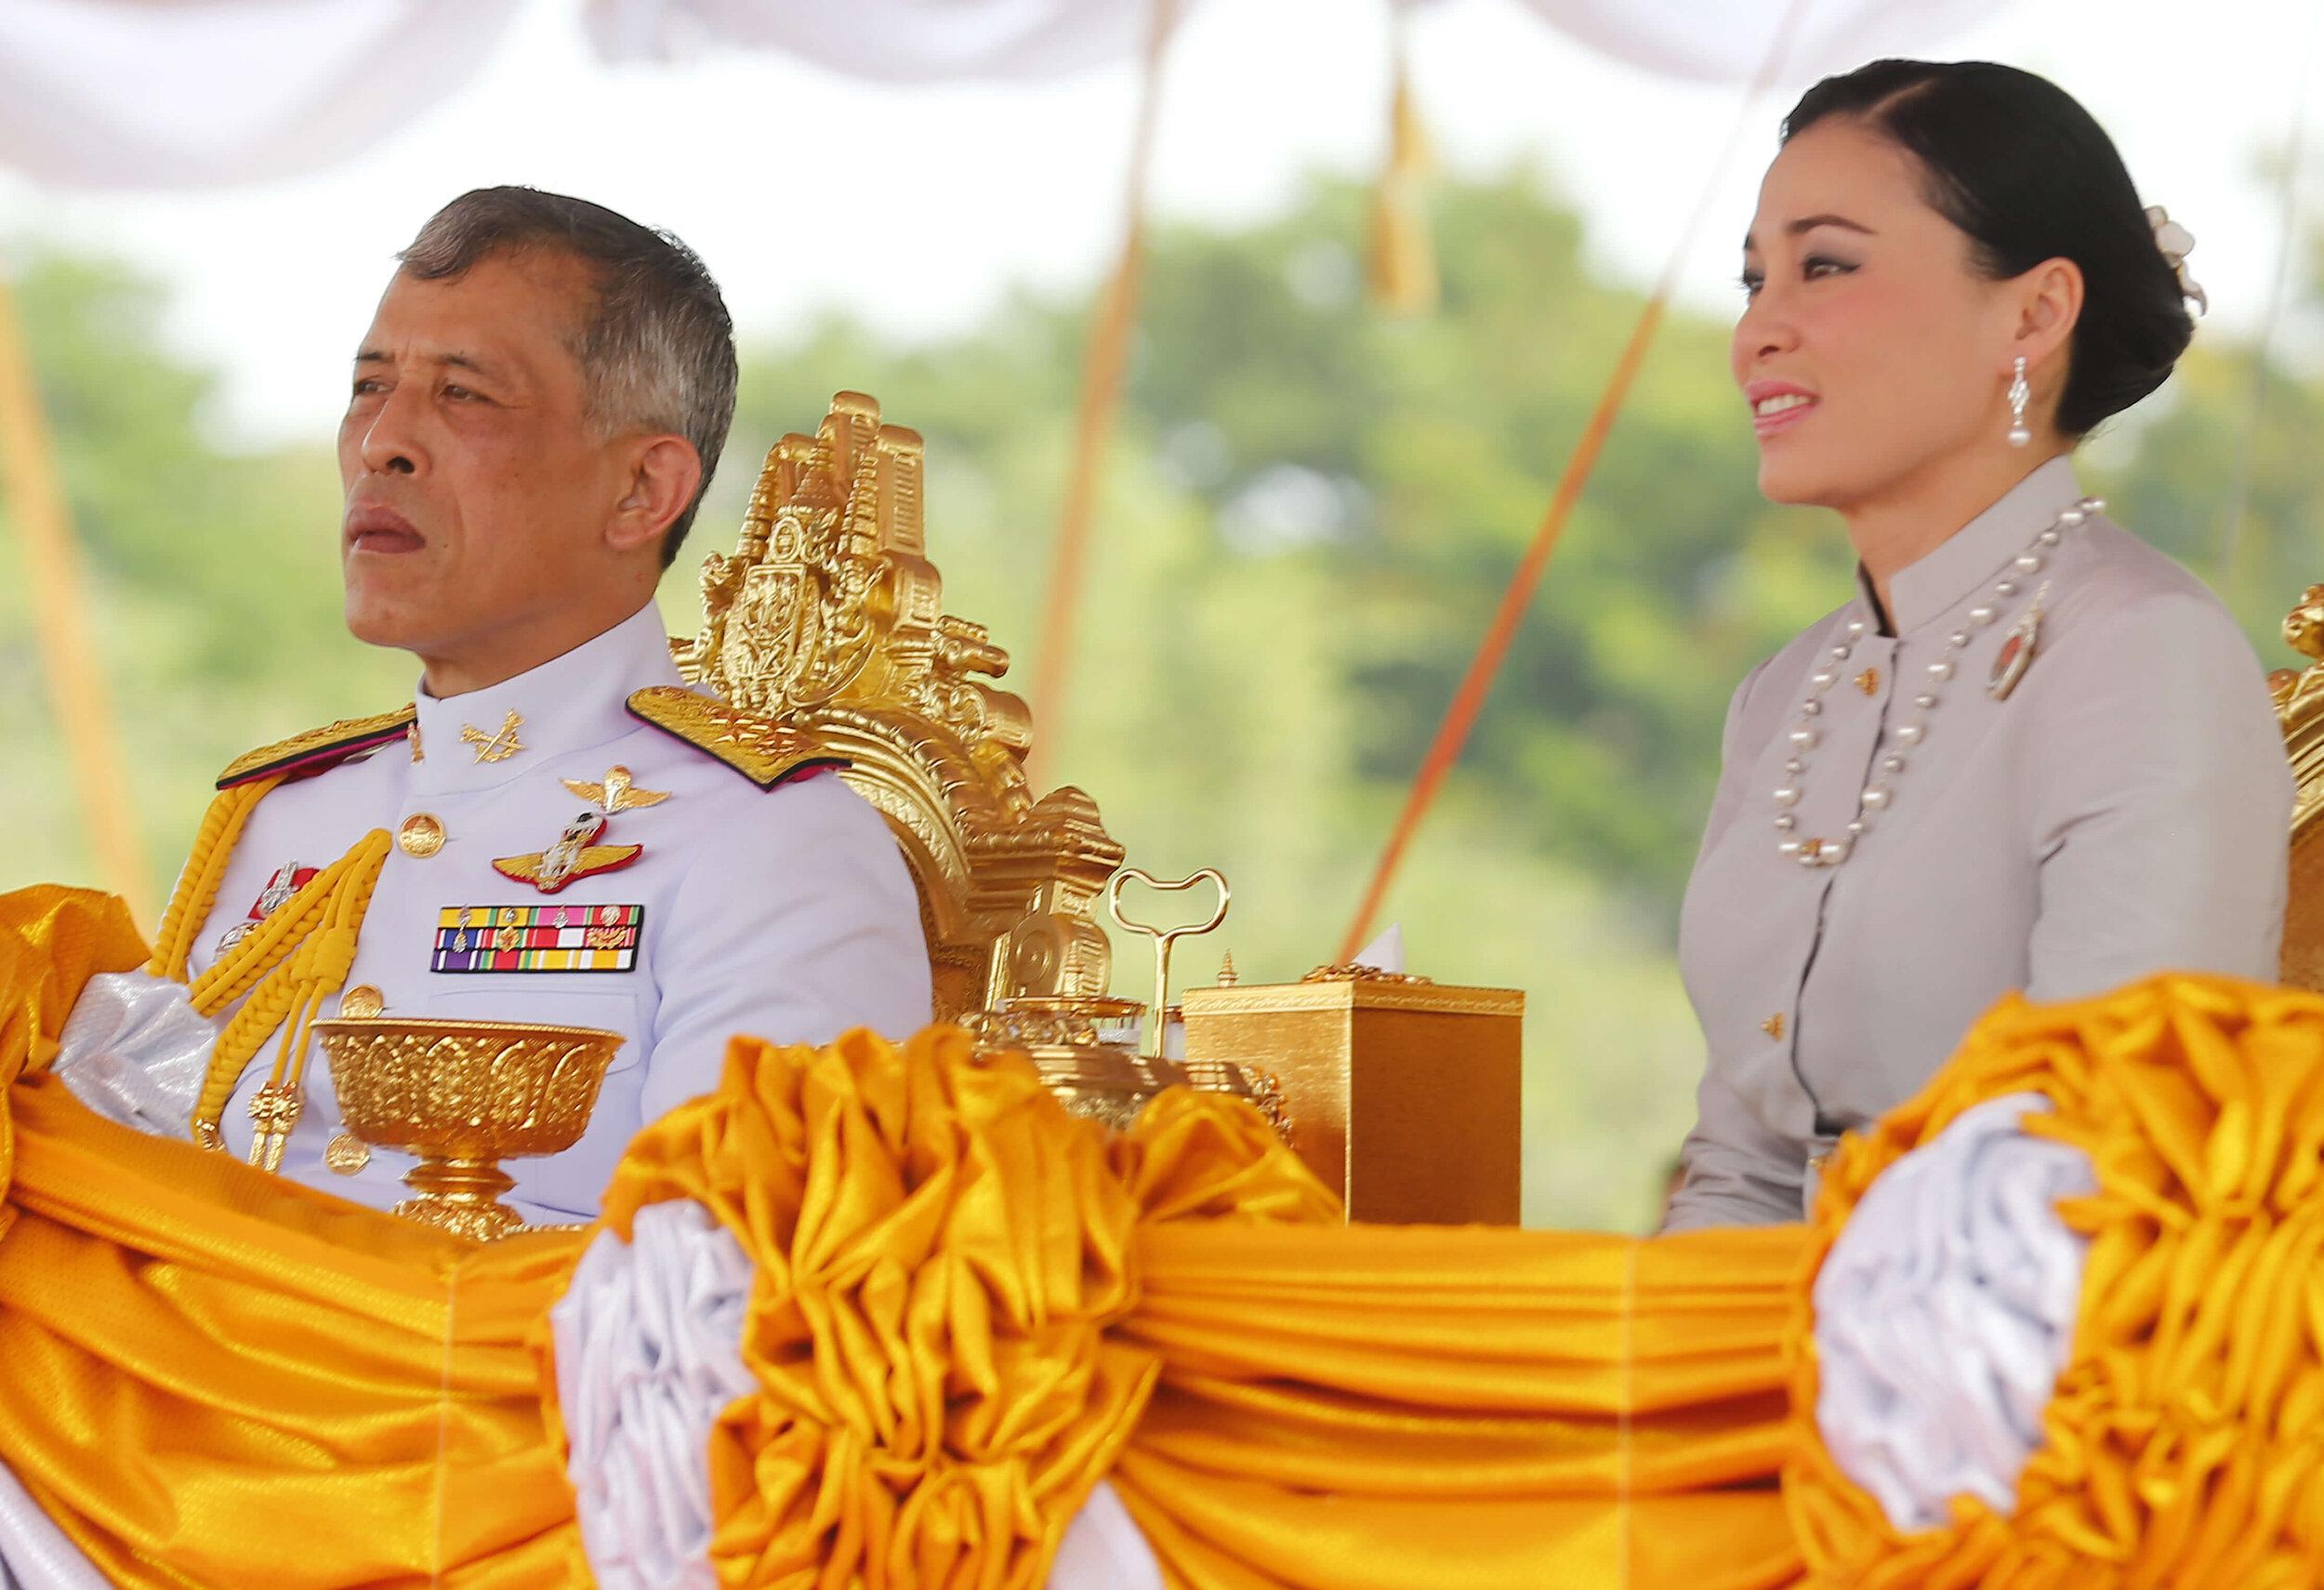 König Rama X. und Königin Suthida müssen wohl aus der Ferne Abschied von Prinzessin Prapapan Bhanubandhu nehmen. Beide sind aktuell immer noch in Deutschland und werden vermutlich nicht so schnell zurück nach Thailand reisen.  © picture alliance/ZUMA Press